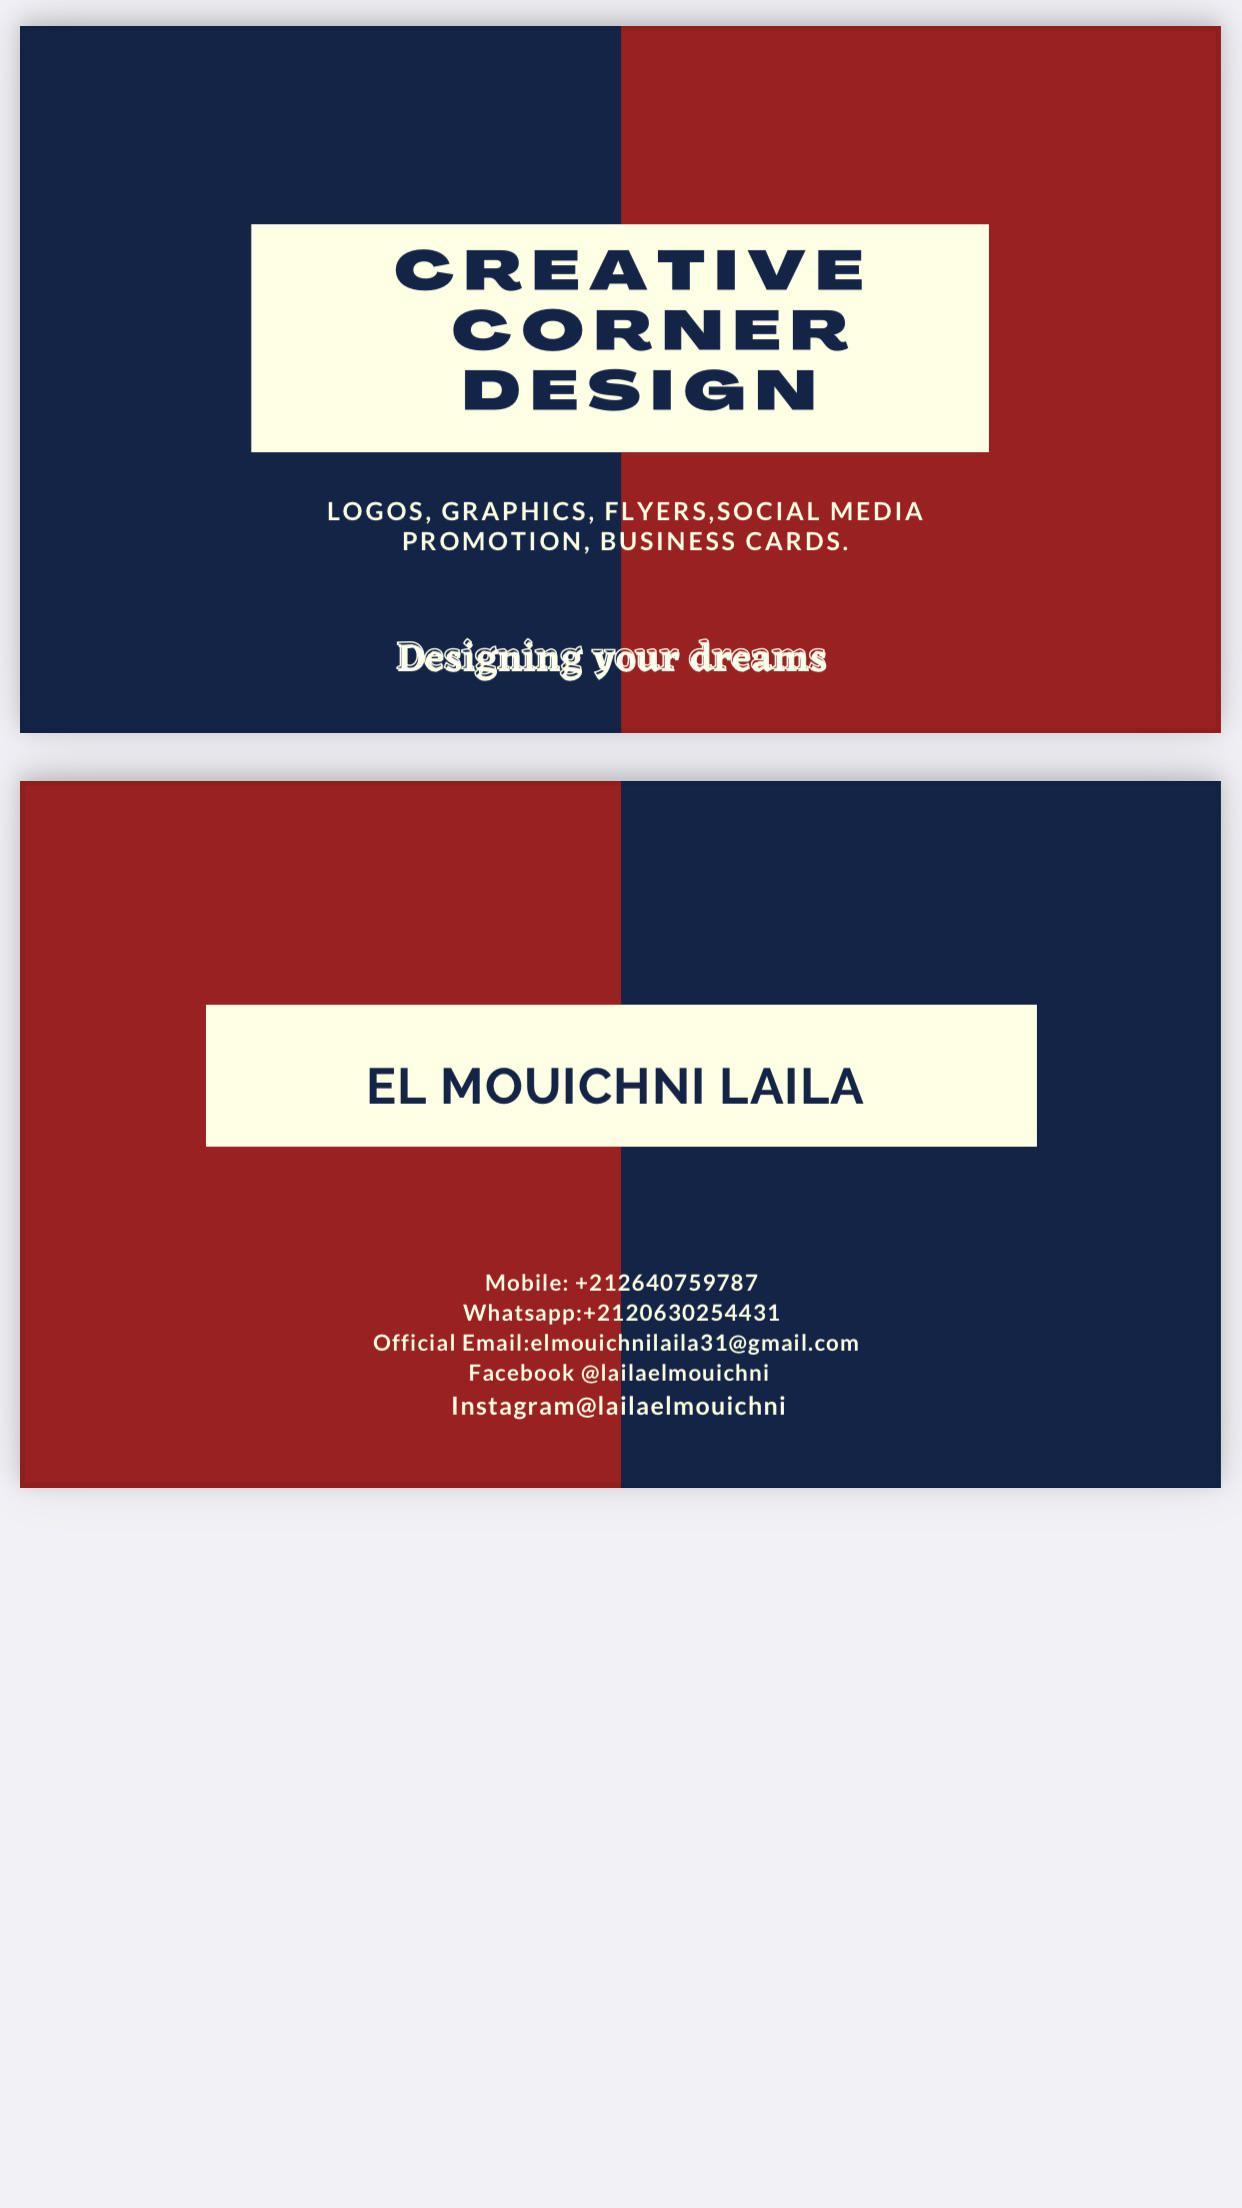 Facebook Logo For Business Cards : facebook, business, cards, Designing, Logos, Business, Cards., Designer